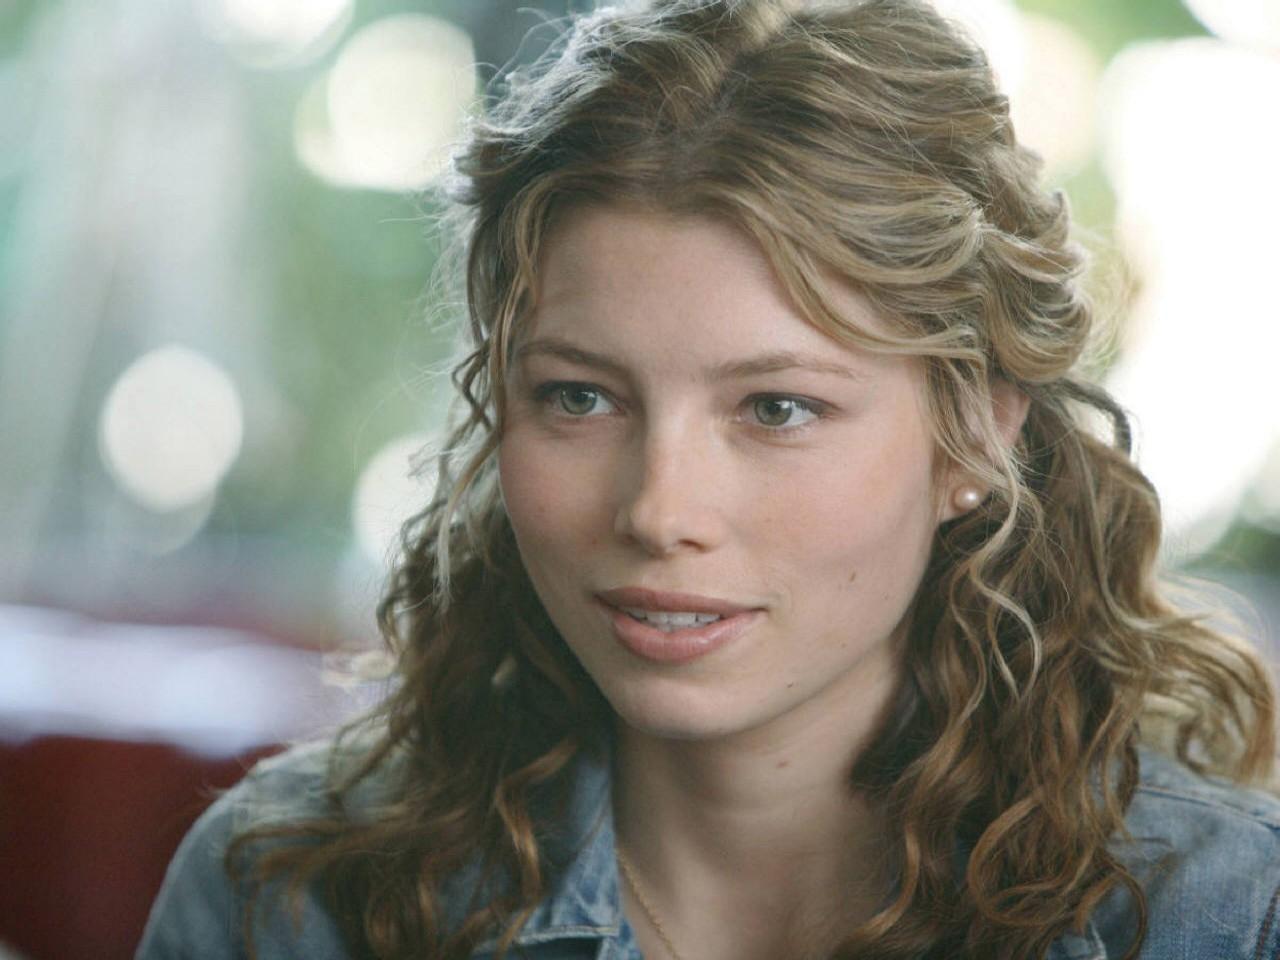 Wallpaper di una sorridente Jessica Biel. L'attrice ha debuttato nel mondo del cinema all'inizio degli anni '90